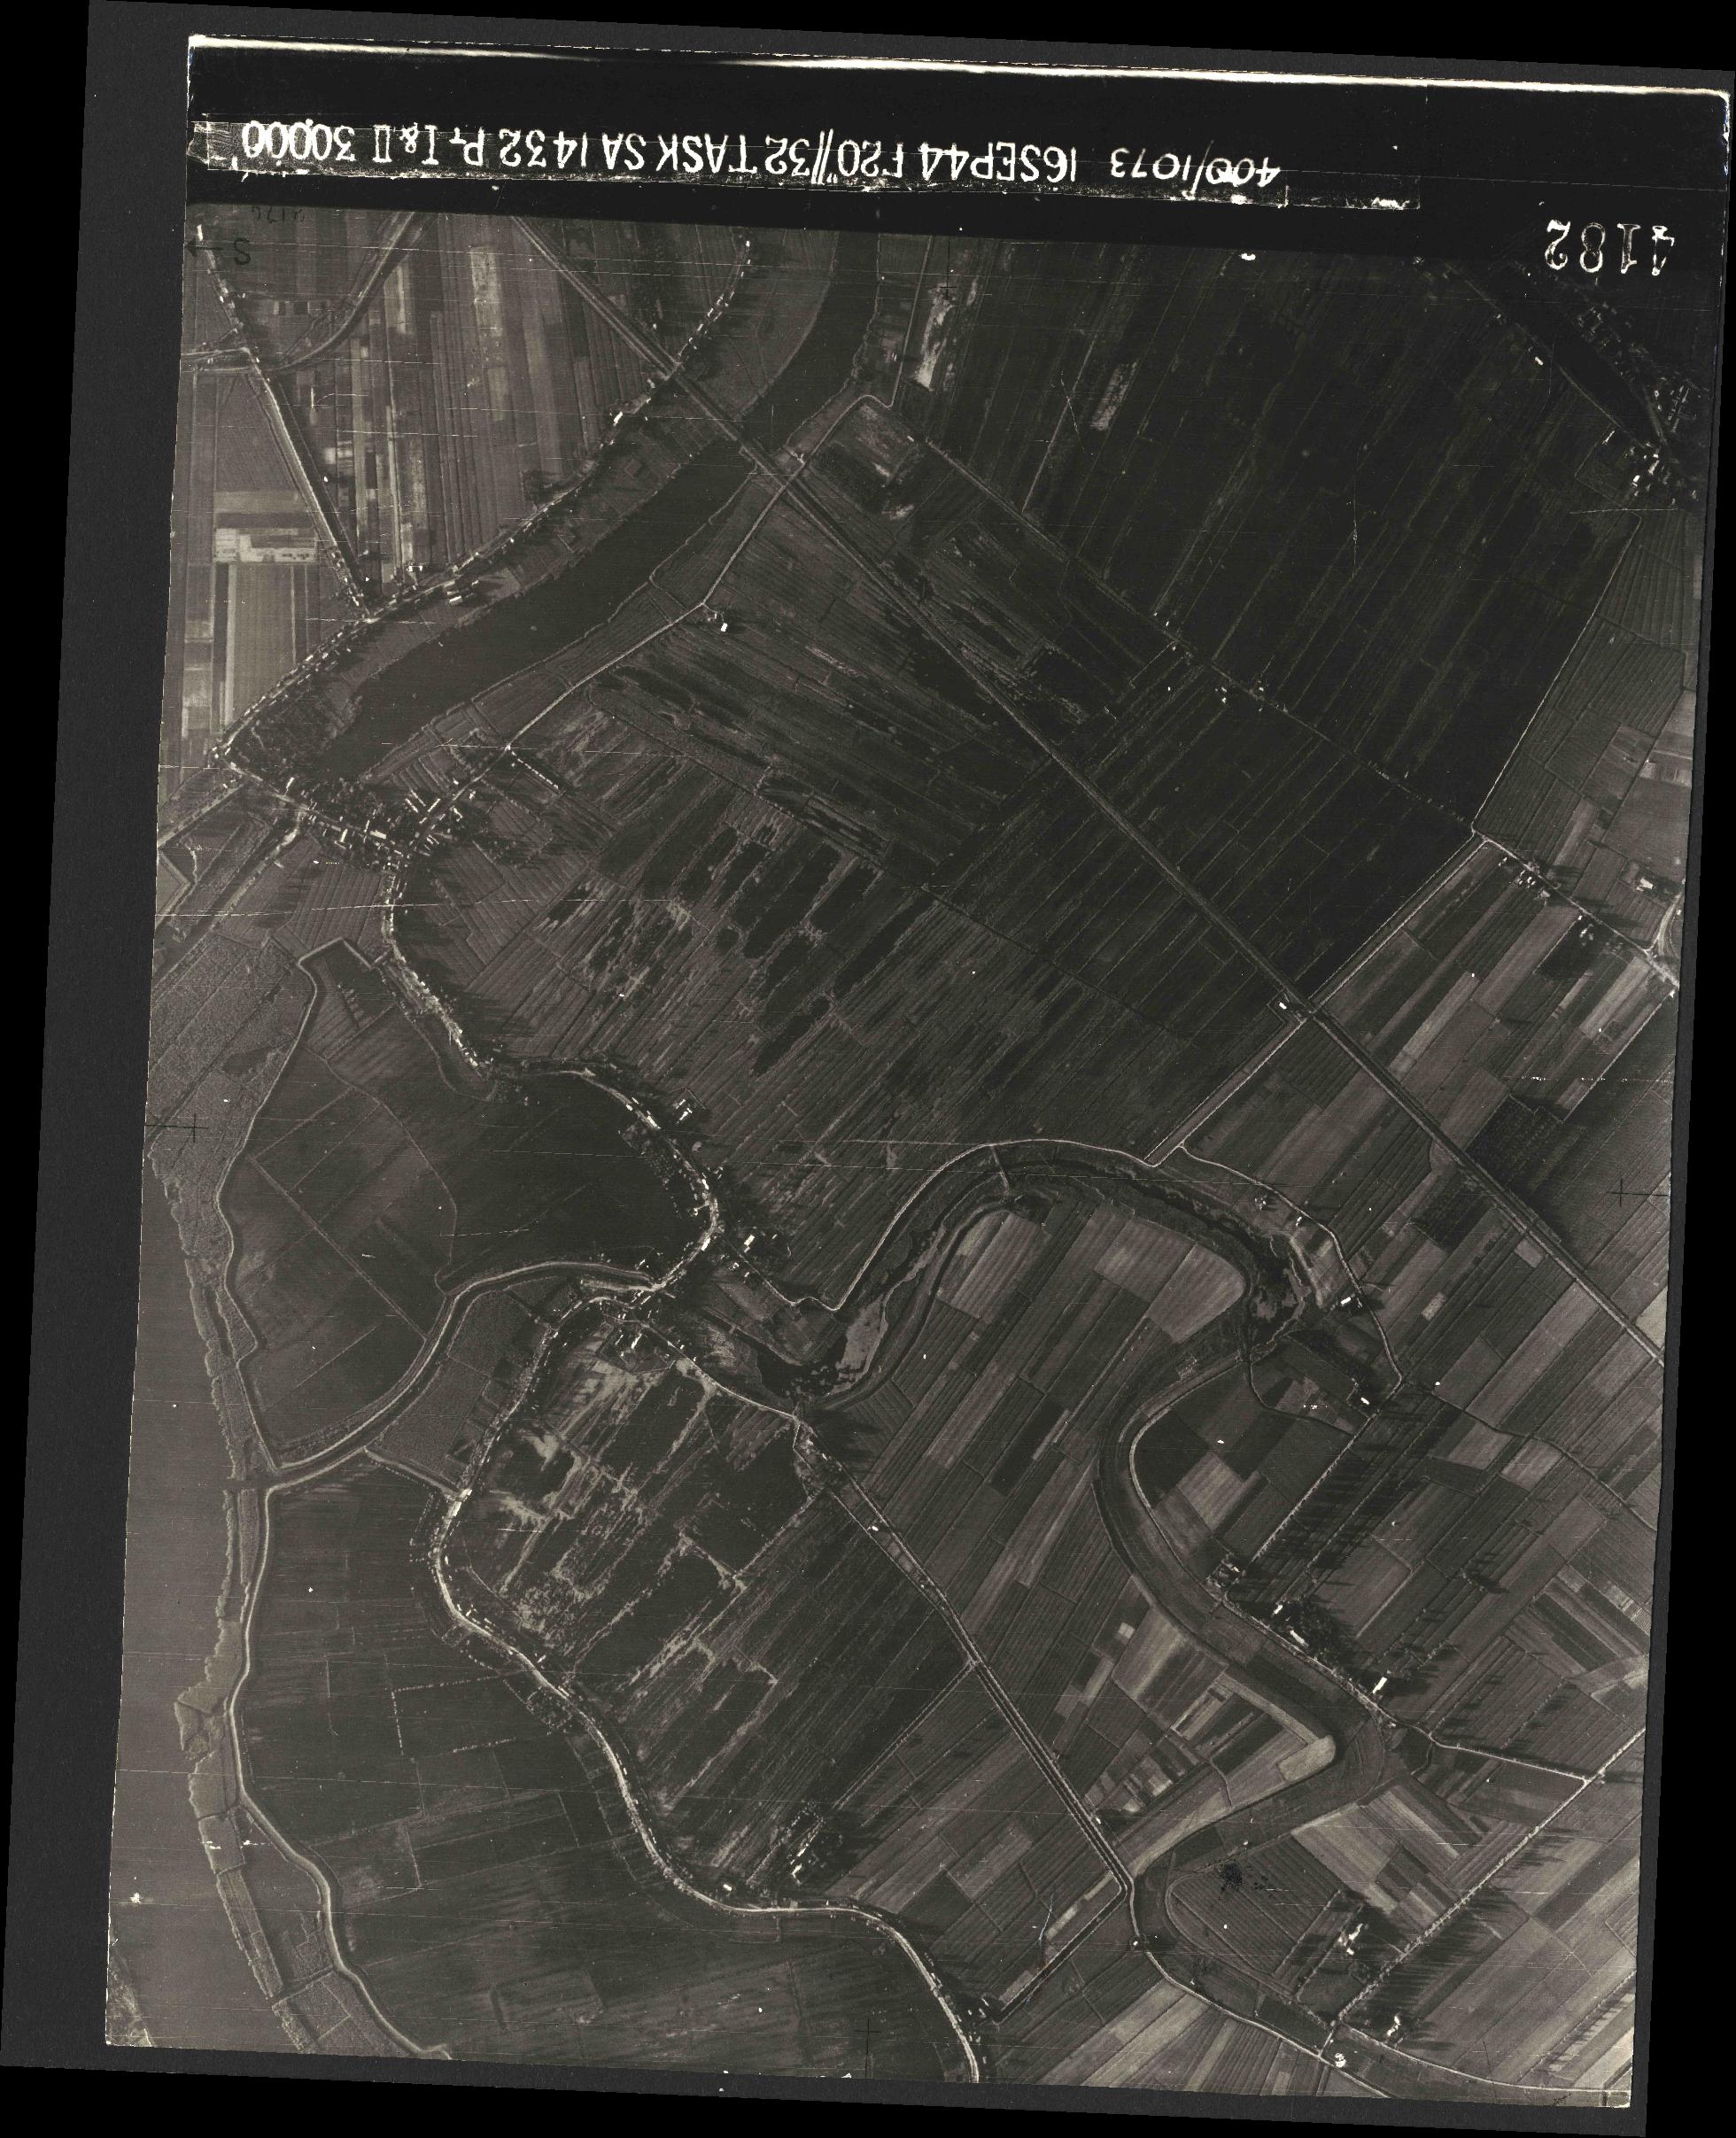 Collection RAF aerial photos 1940-1945 - flight 013, run 01, photo 4182